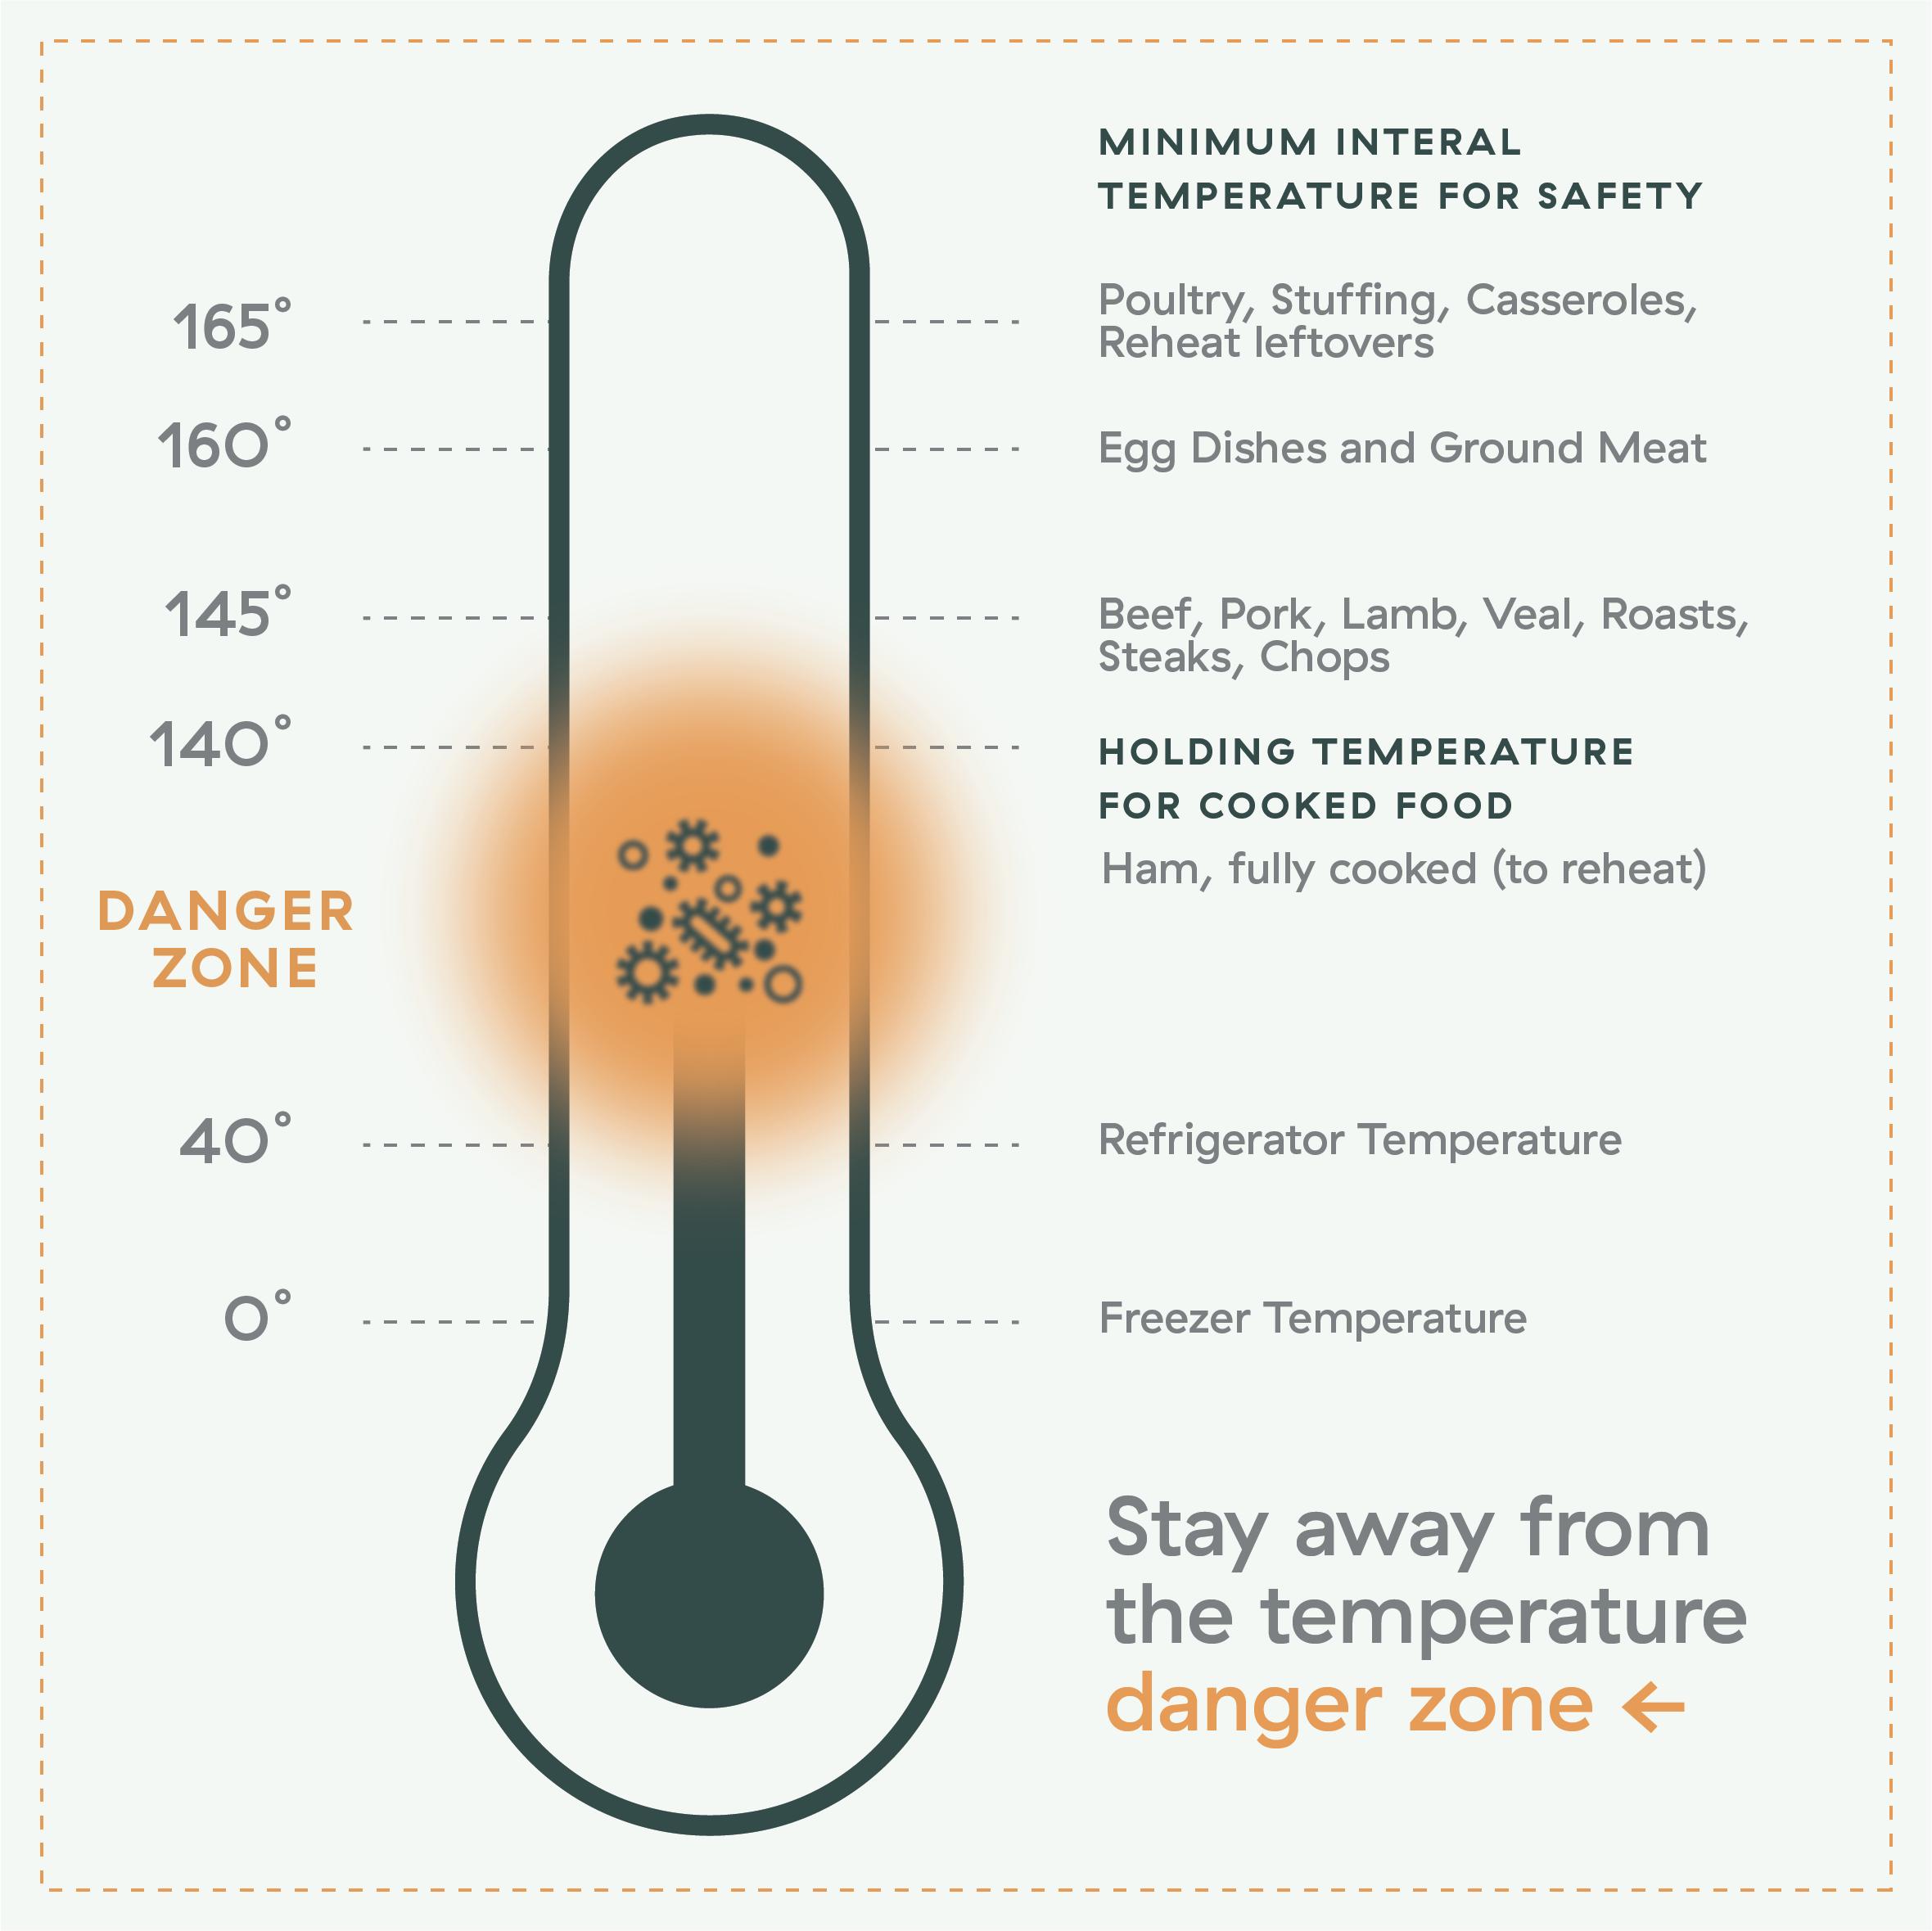 Minimum Internal Temperature